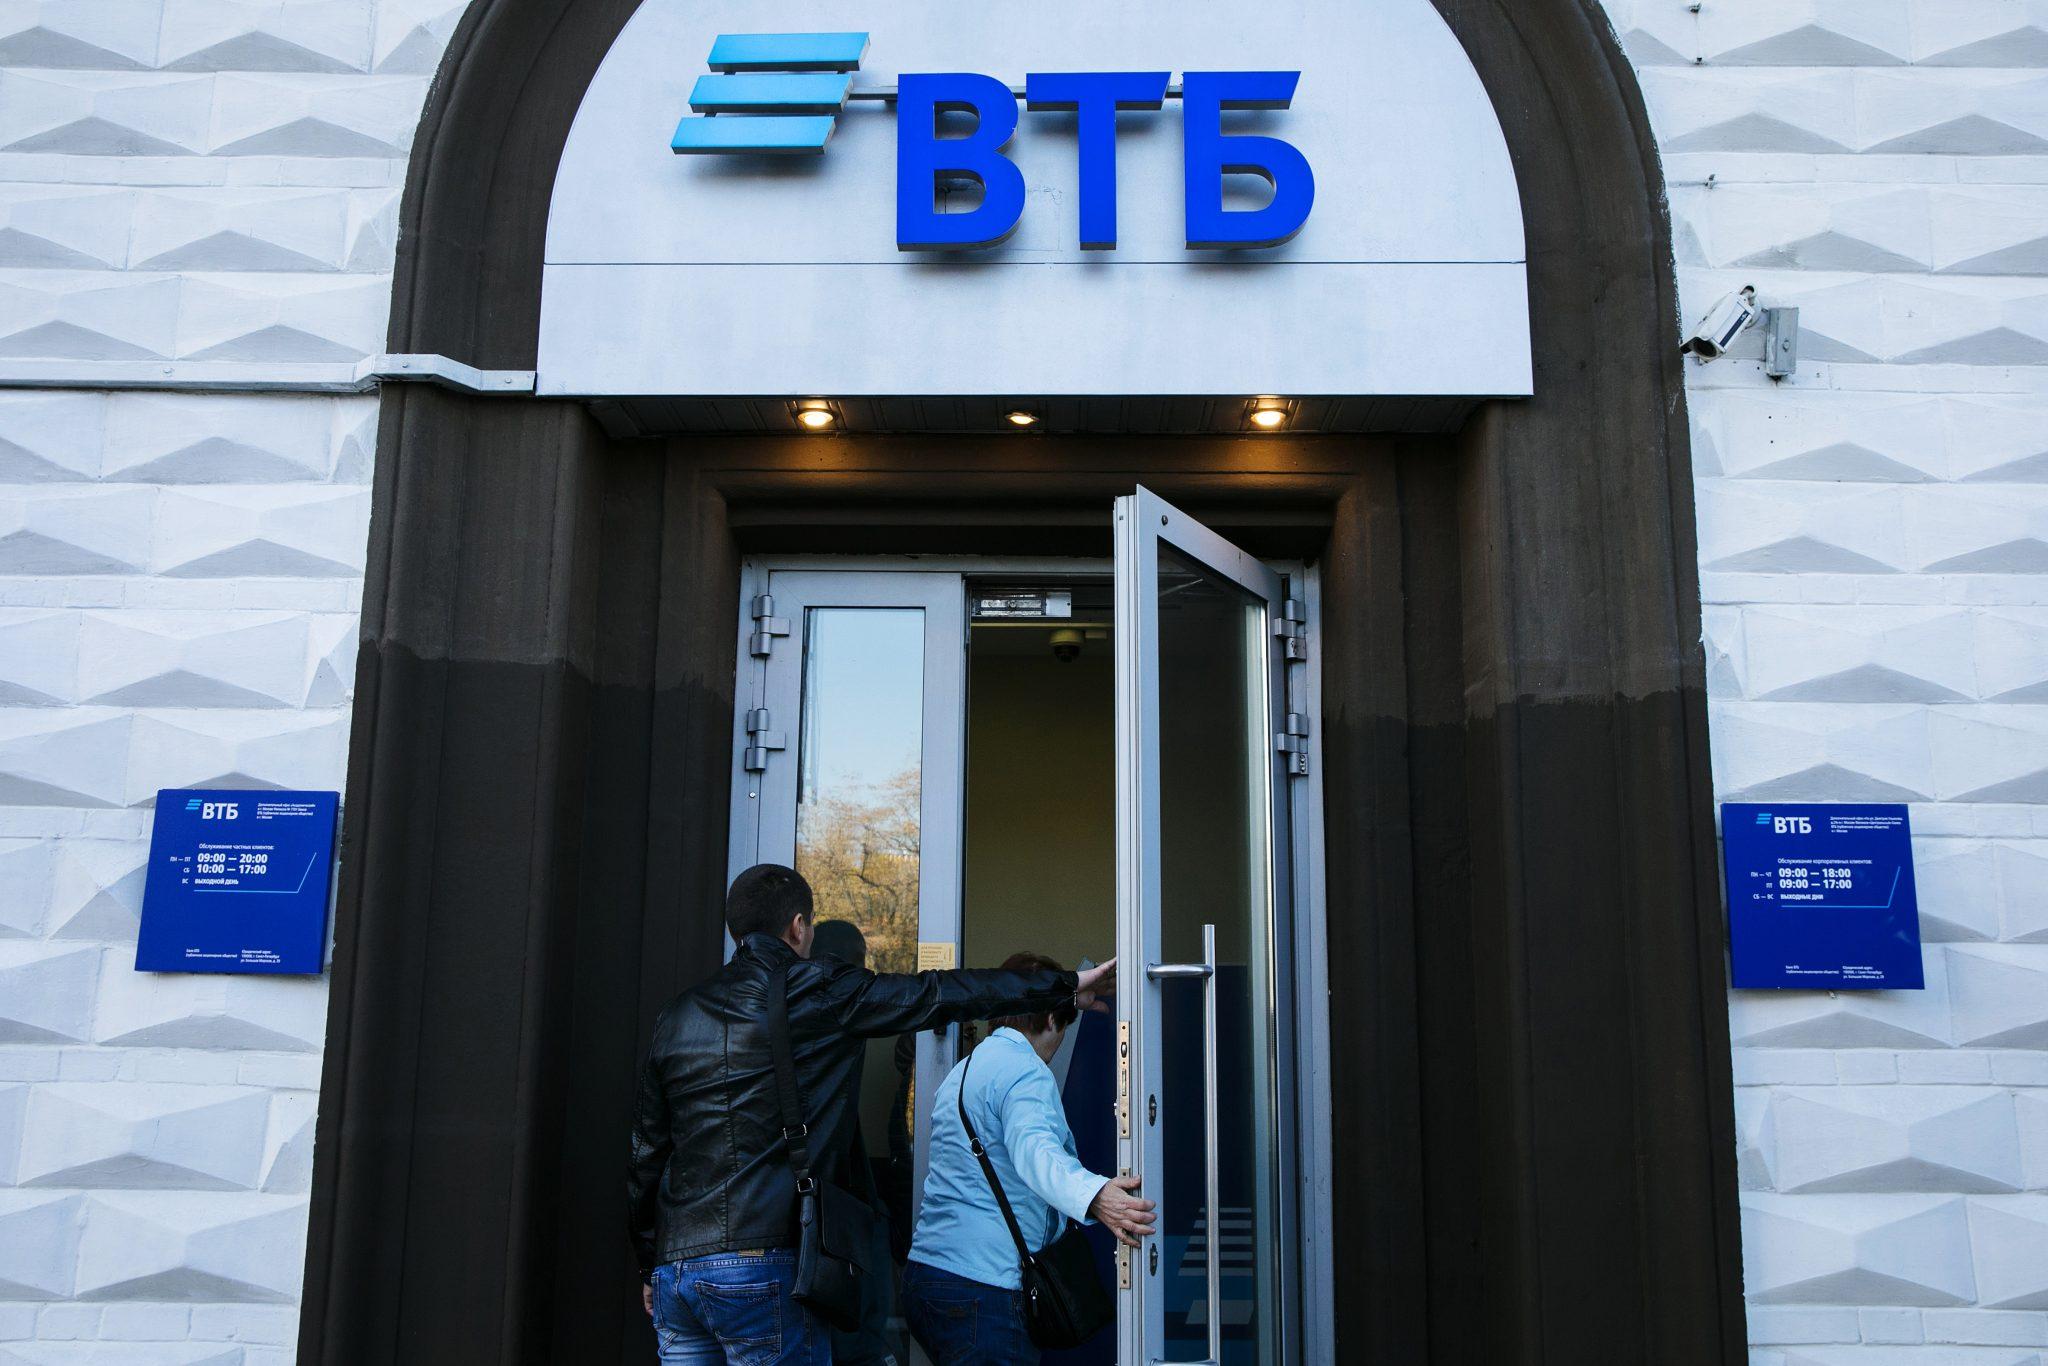 ВТБ и «Сумитек Интернейшнл» запустили оплату заказов с использованием СБП